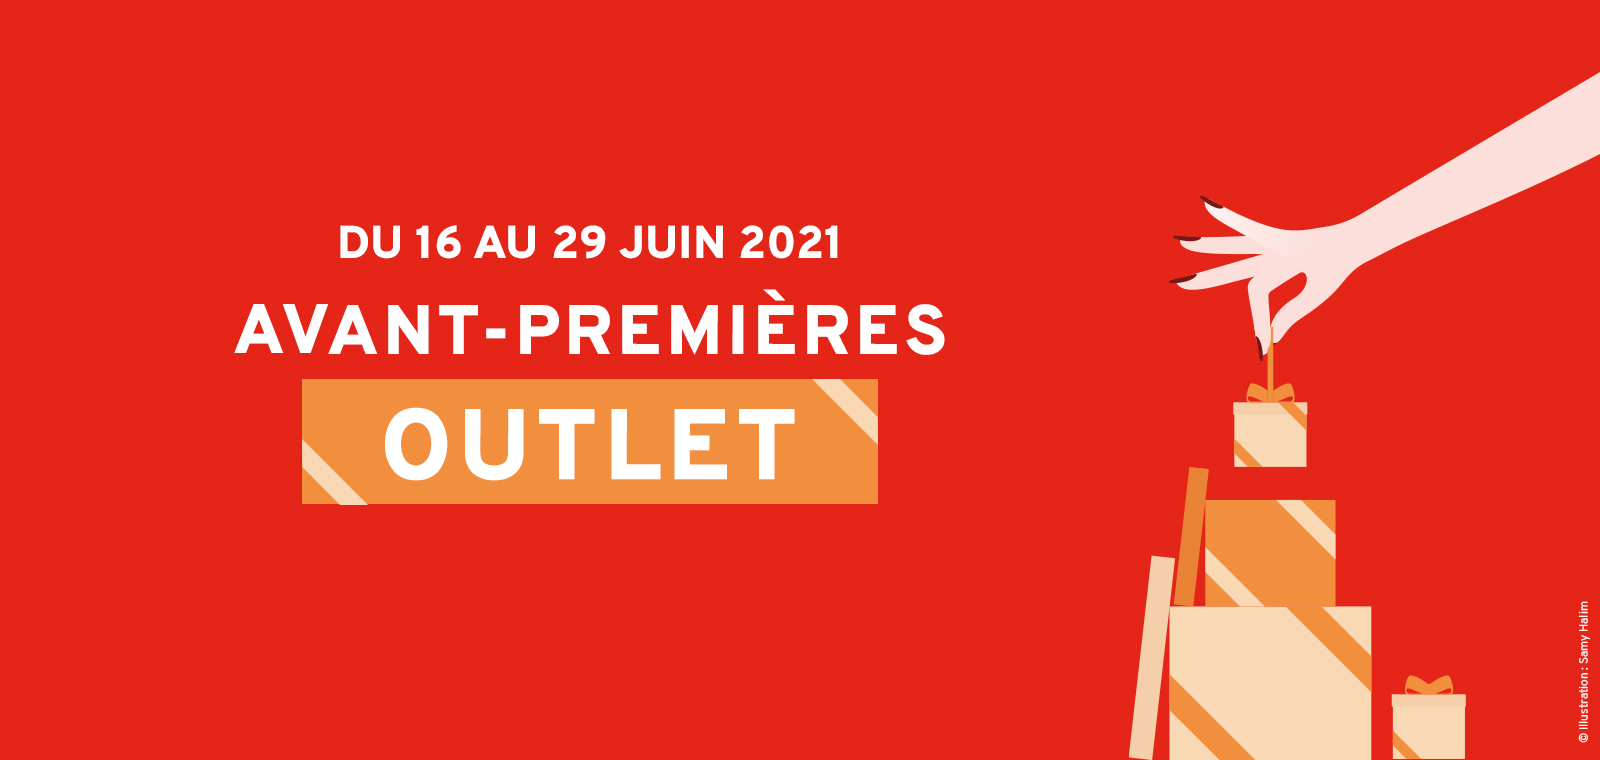 Avant-Premières outlet du 16 au 29 juin 2021